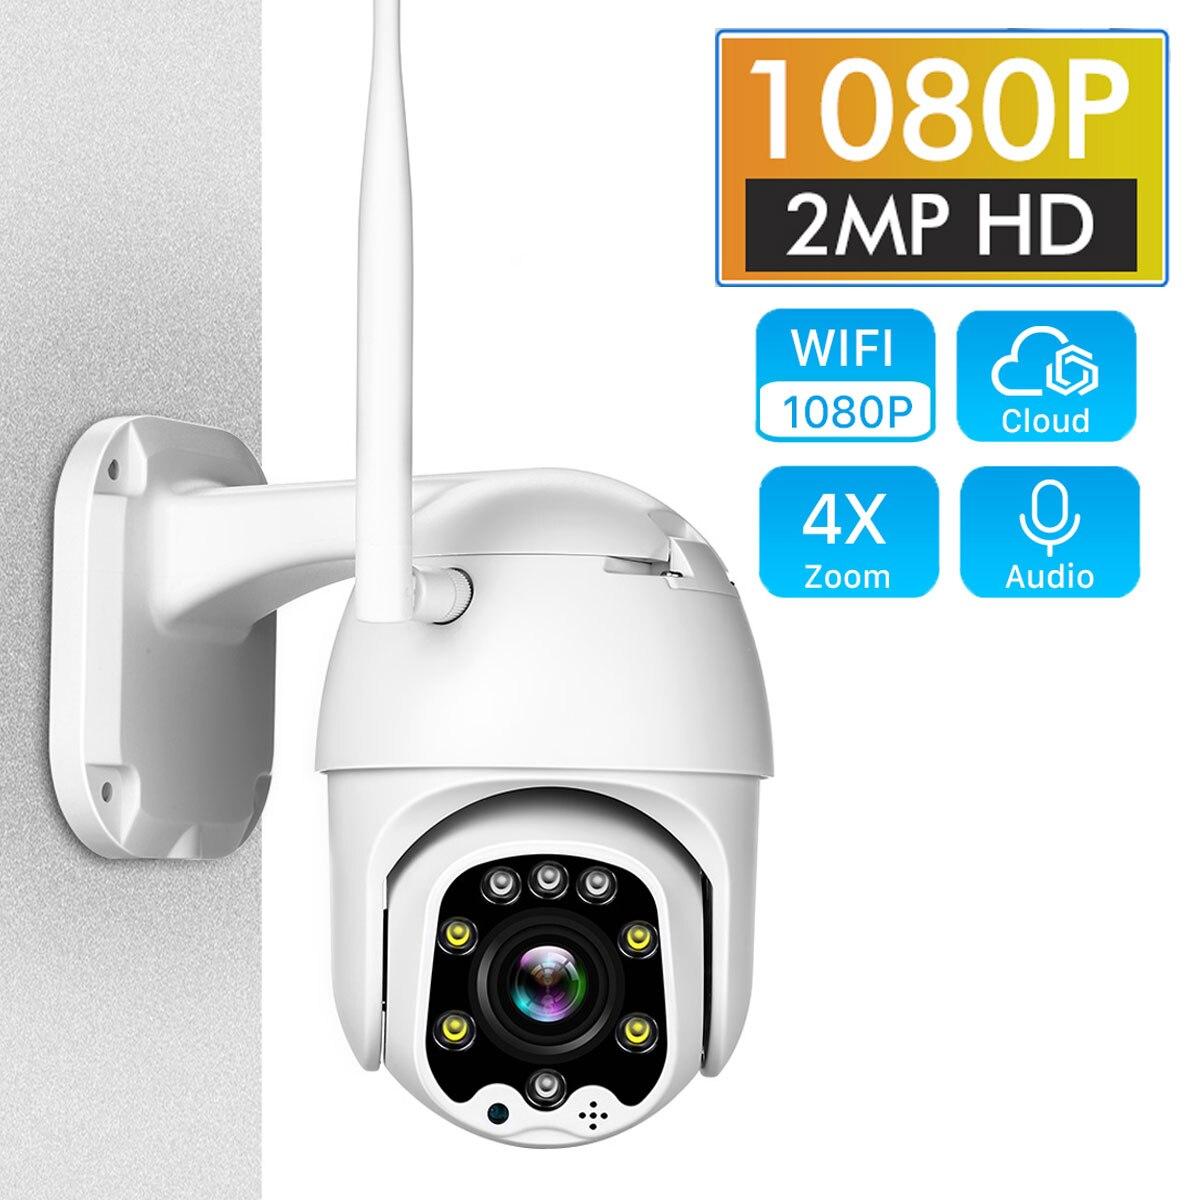 Câmera ip wi fi 2mp 1080 p sem fio ptz speed dome cctv onvif câmera ao ar livre ip66 vigilância de segurança camara vigilante exterior